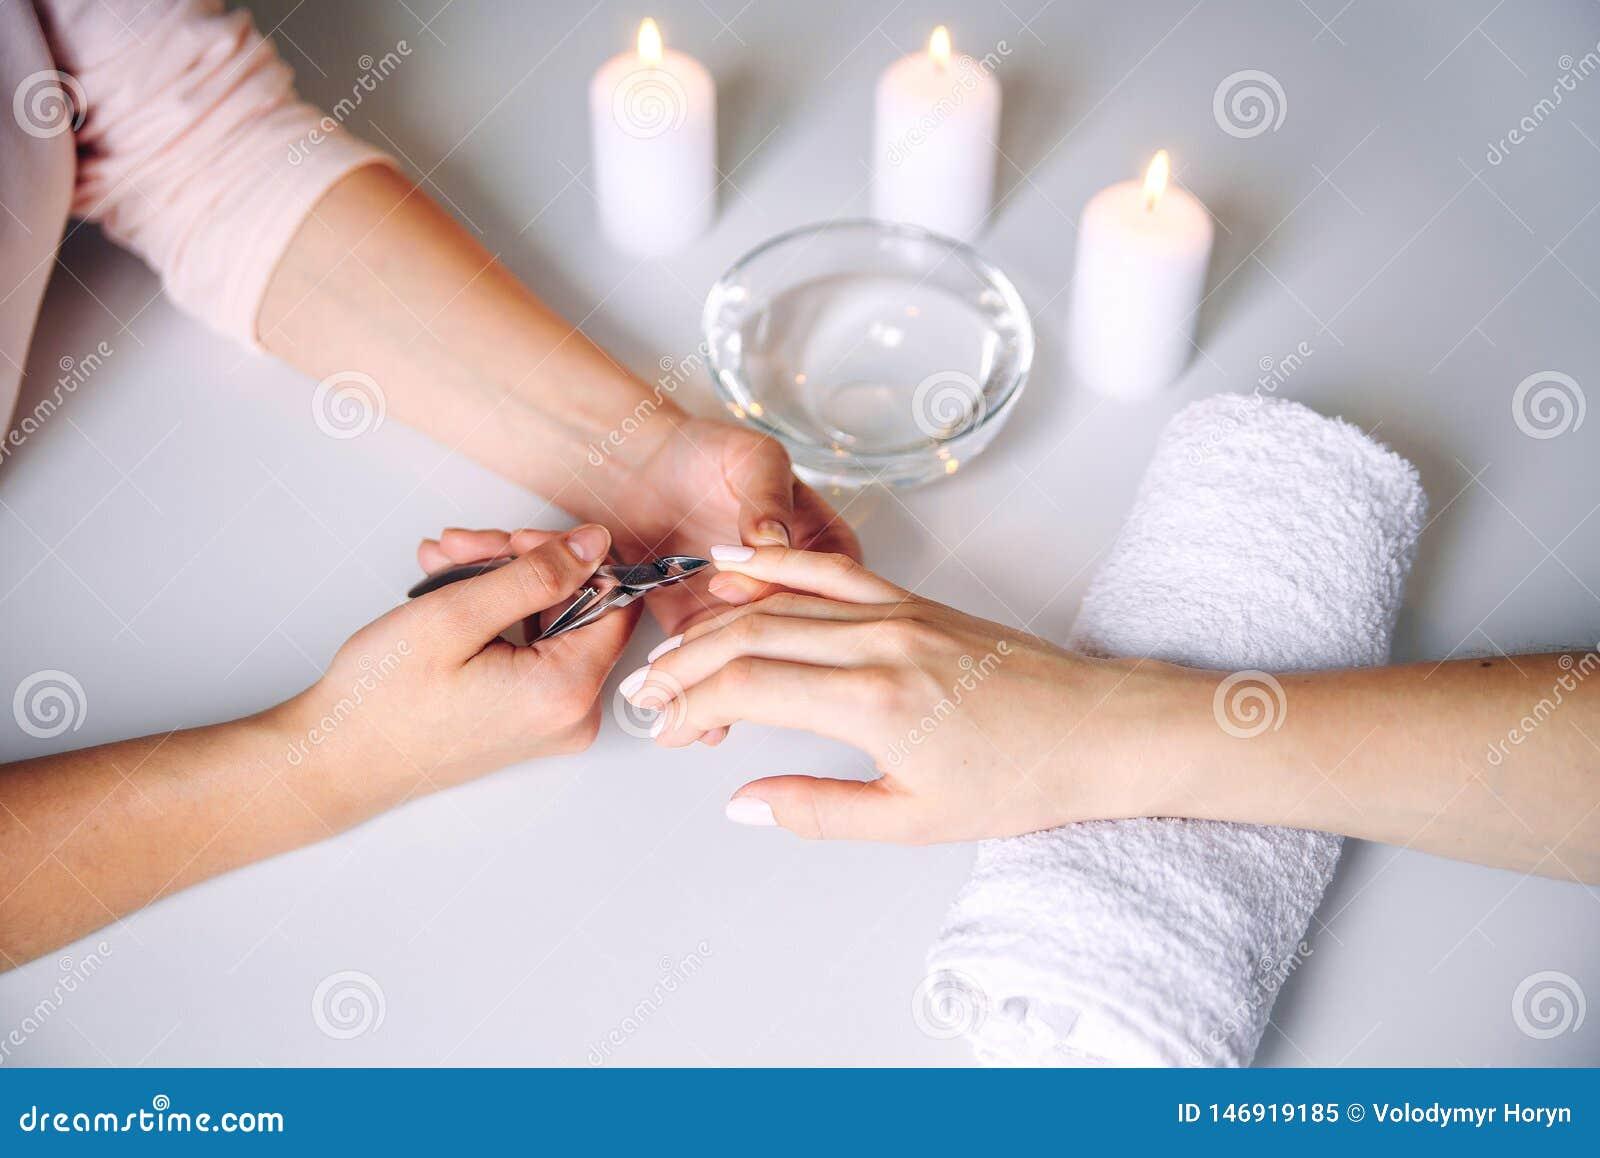 Przybija pi?kno Kobiet r?ki otrzymywa gw??d? opieki traktowanie fachowym manicure u specjalist? w gwo?dzia salonie manicurzysta